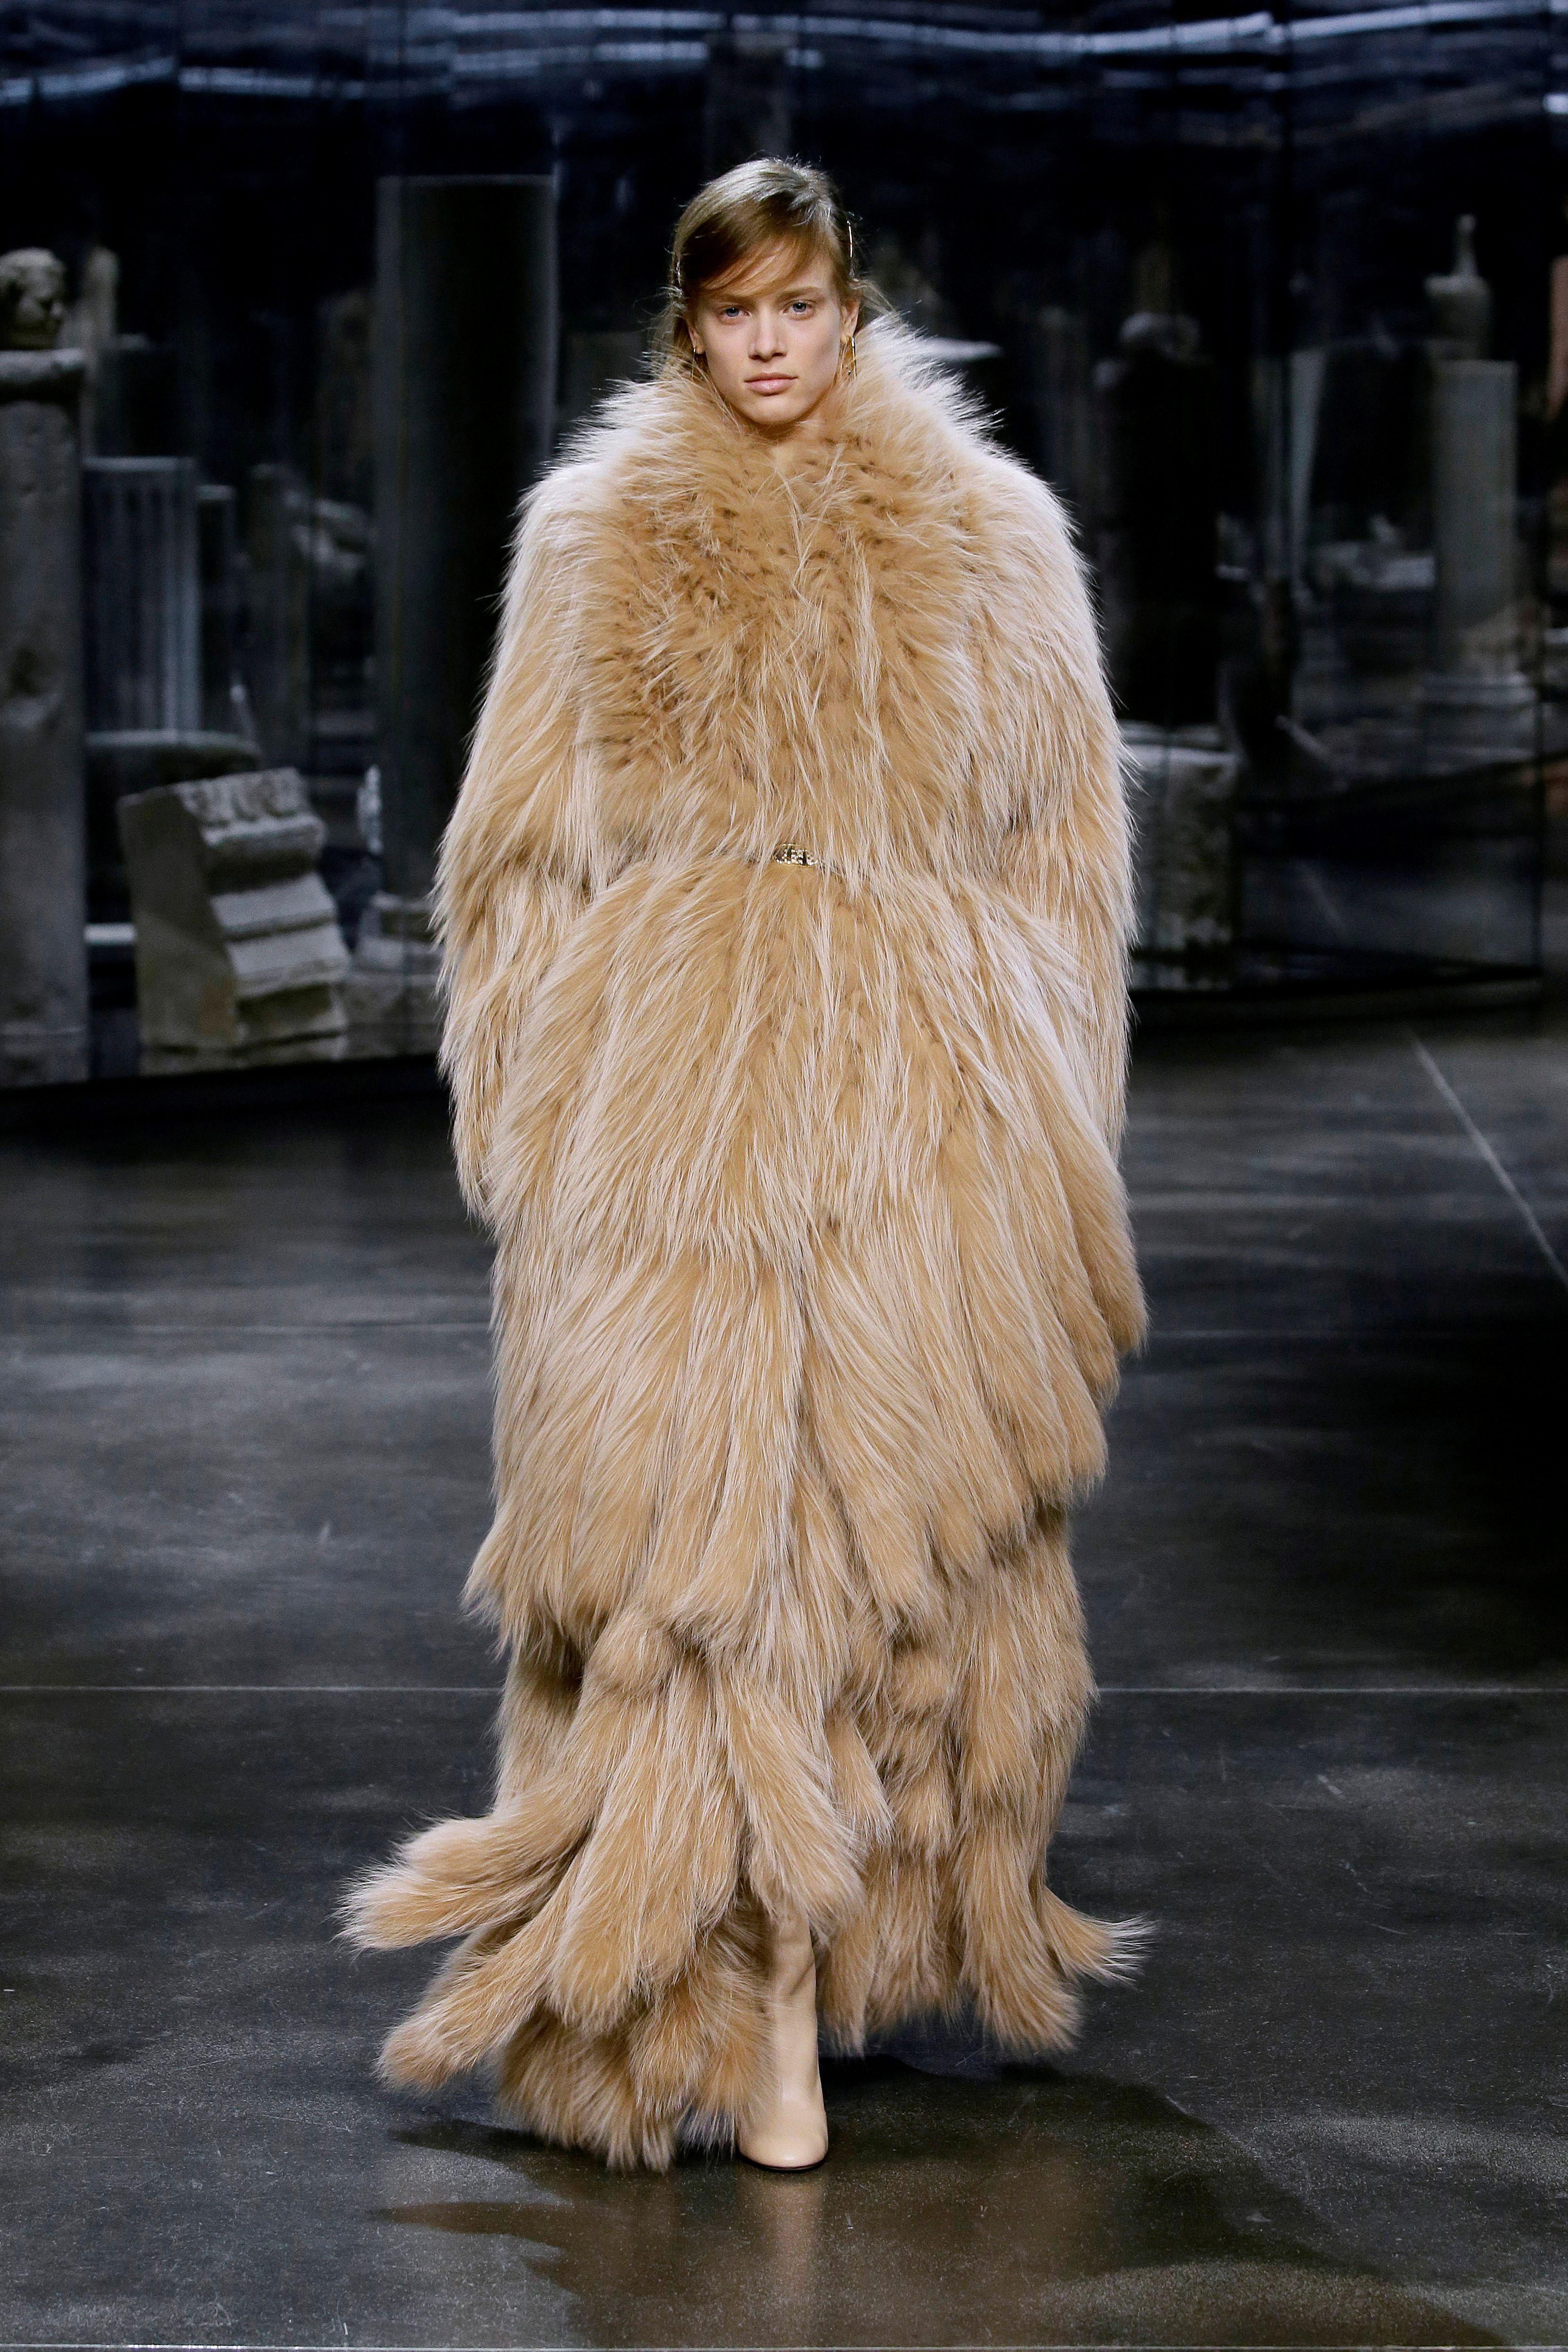 Siguiendo los pasos del fallecido diseñador Karl Lagerfeld, quien colaboró con la marca durante 54 años, Jones abrió la presentación con un abrigo de piel, un sello distintivo de Fendi